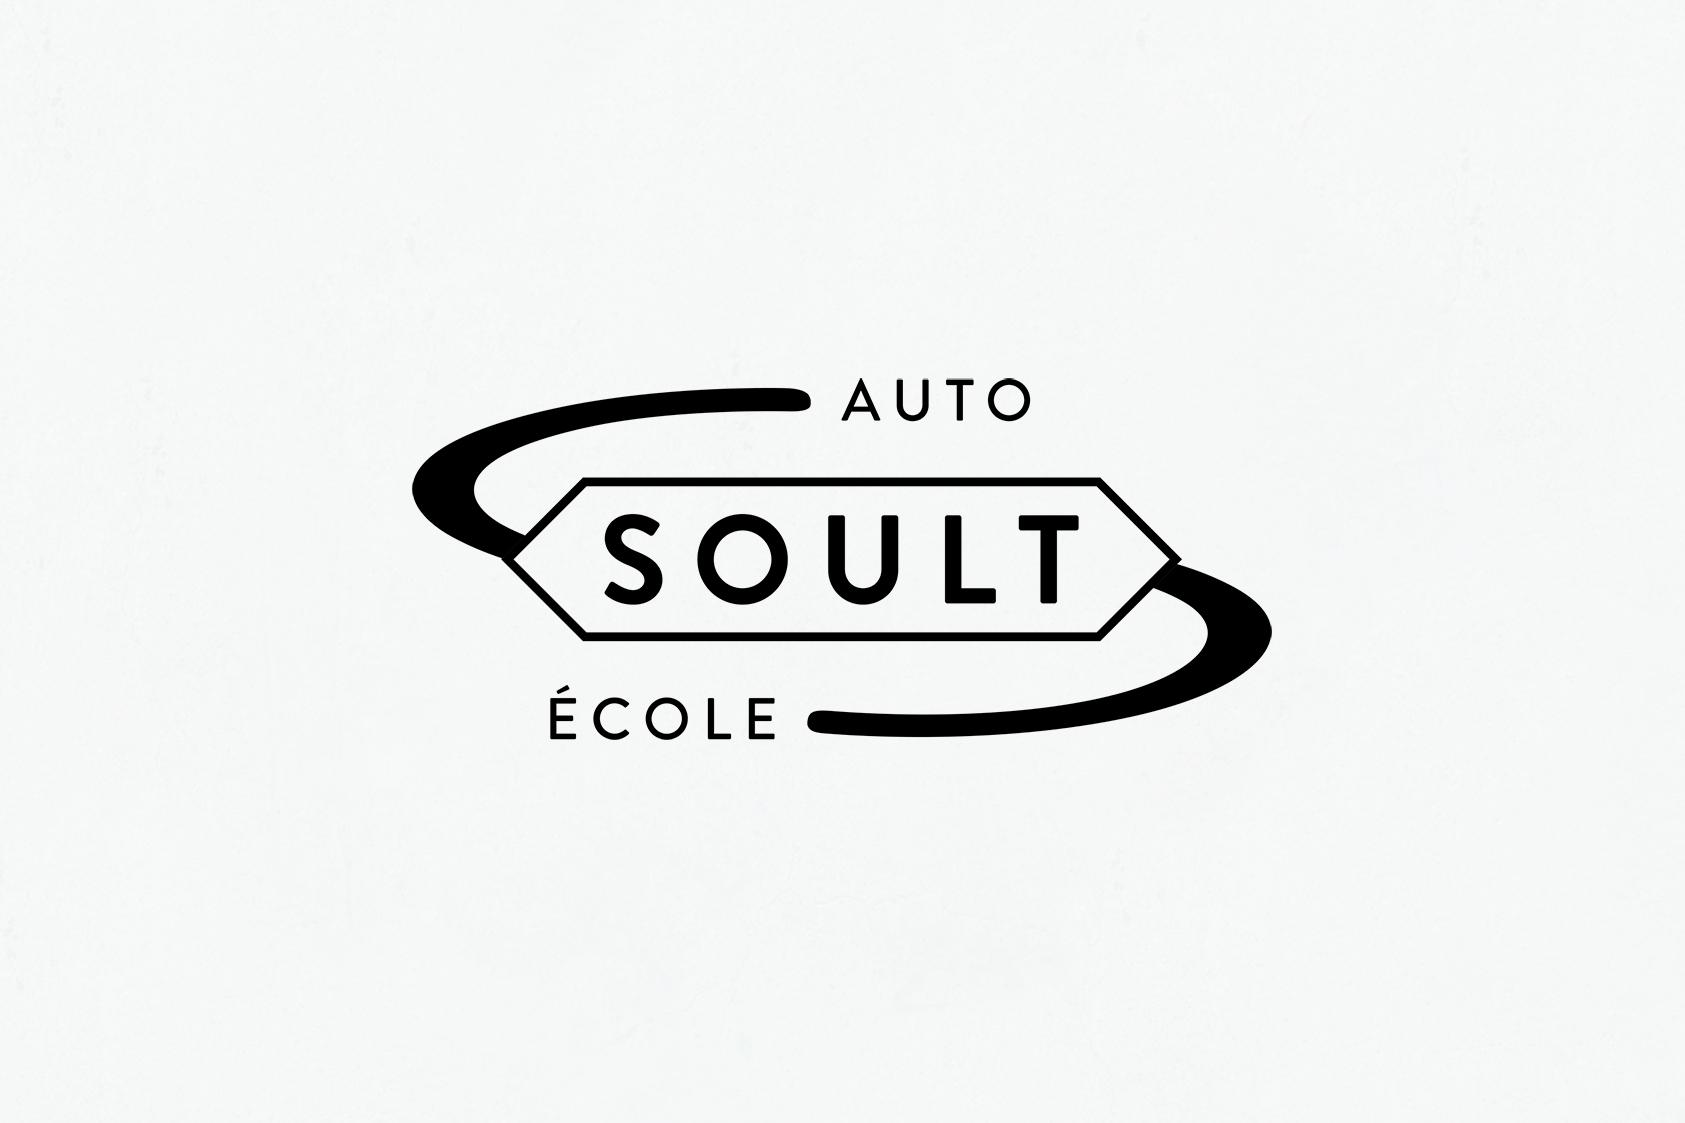 AUTO ÉCOLE SOULT